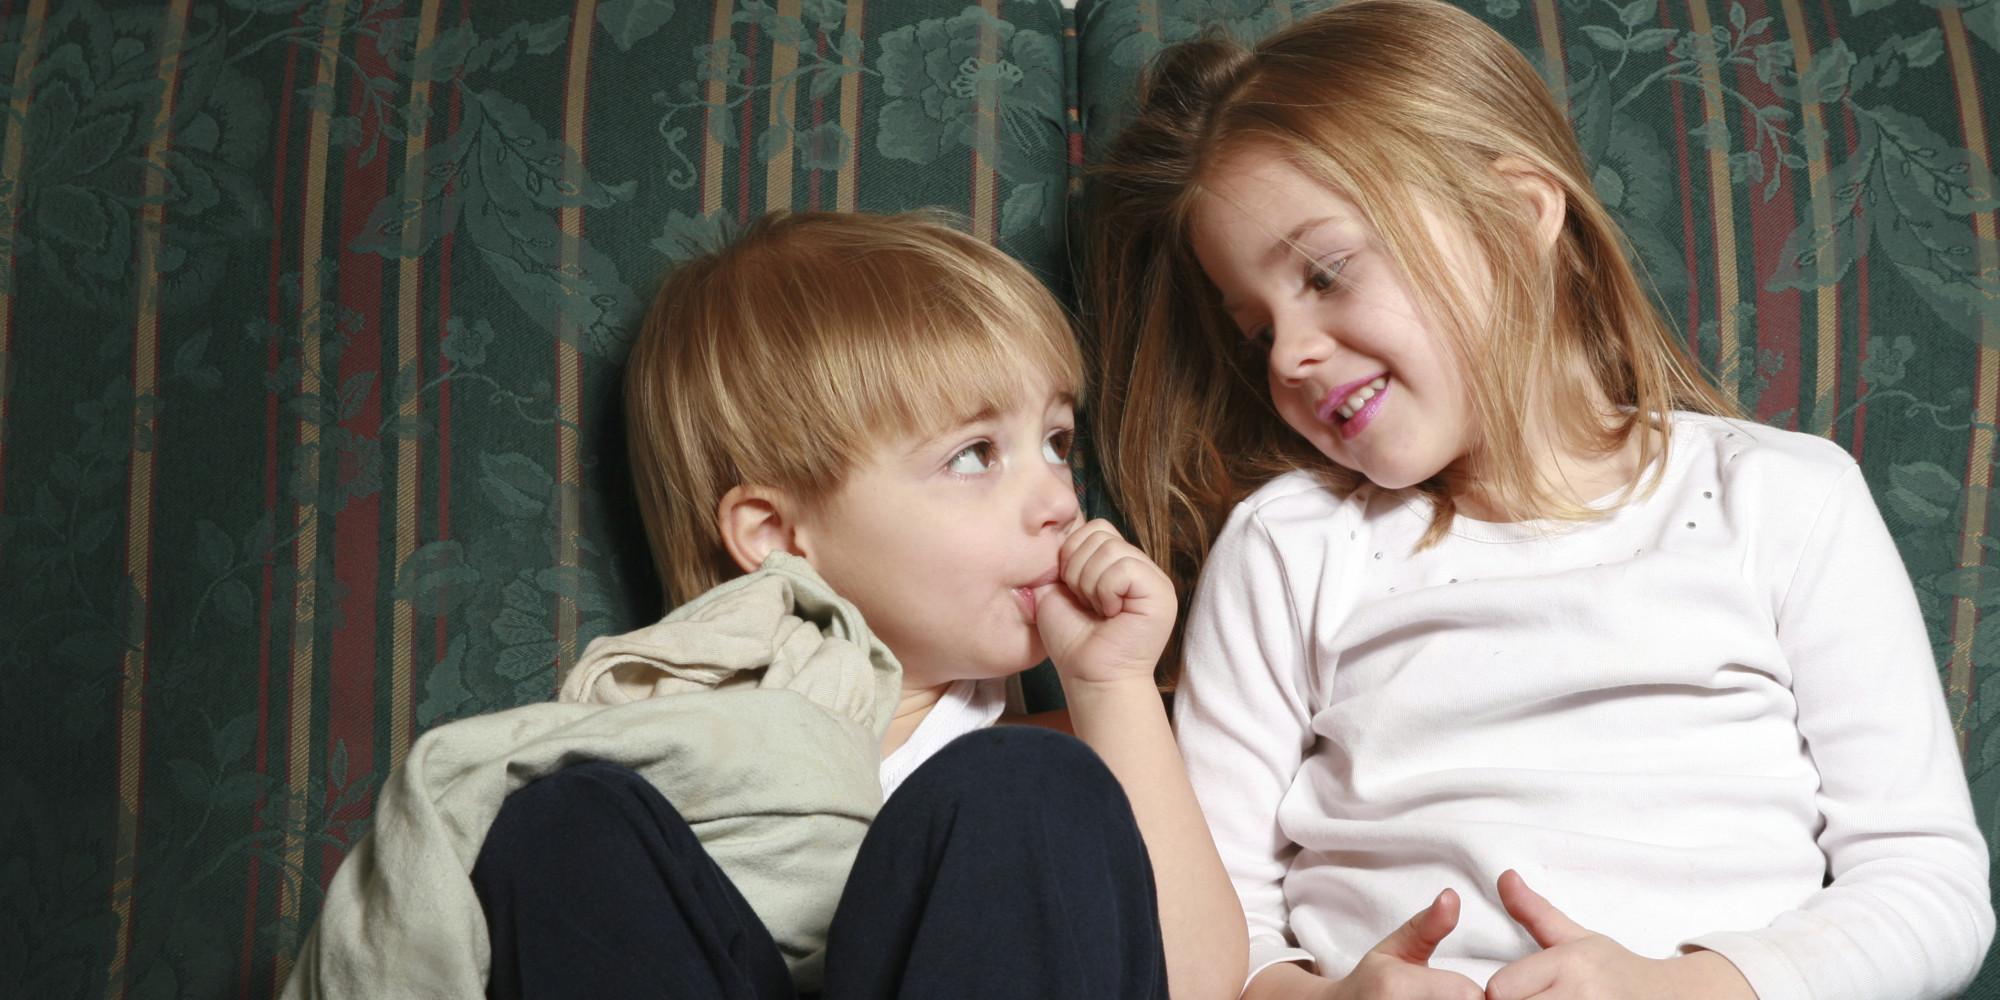 Смотреть онлайн сестра сосет хуй у брата, Сестра спалила брата смотреть онлайн в корошем 9 фотография